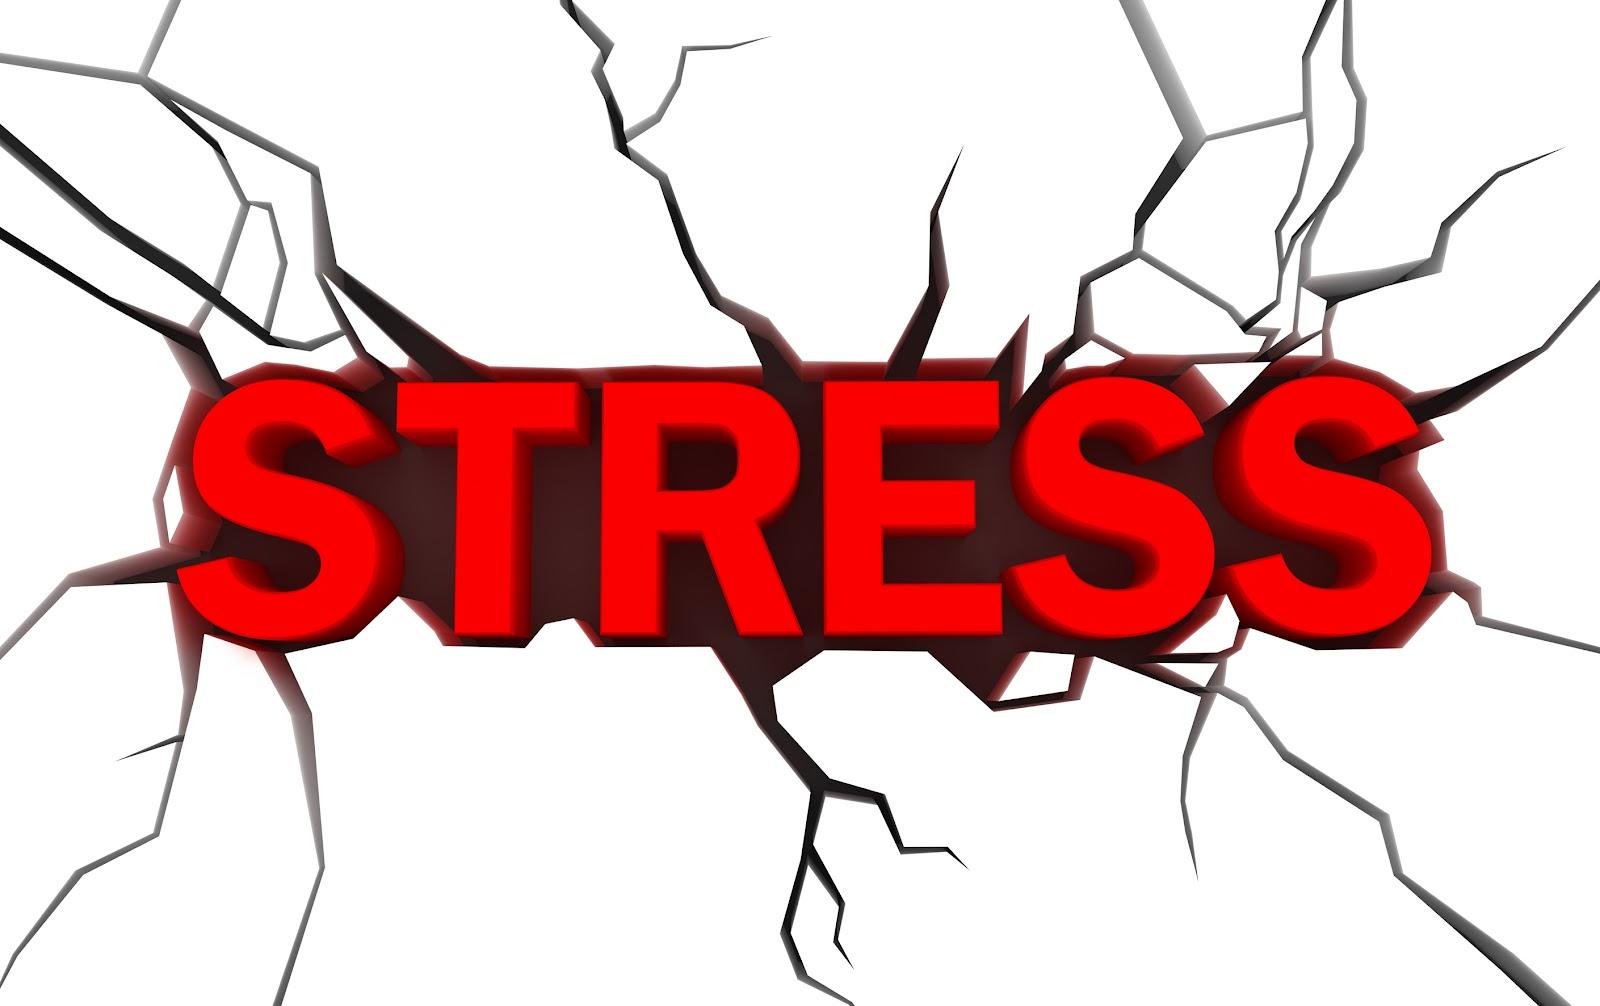 استرس مهمترین چالش داوطلبین کنکور است